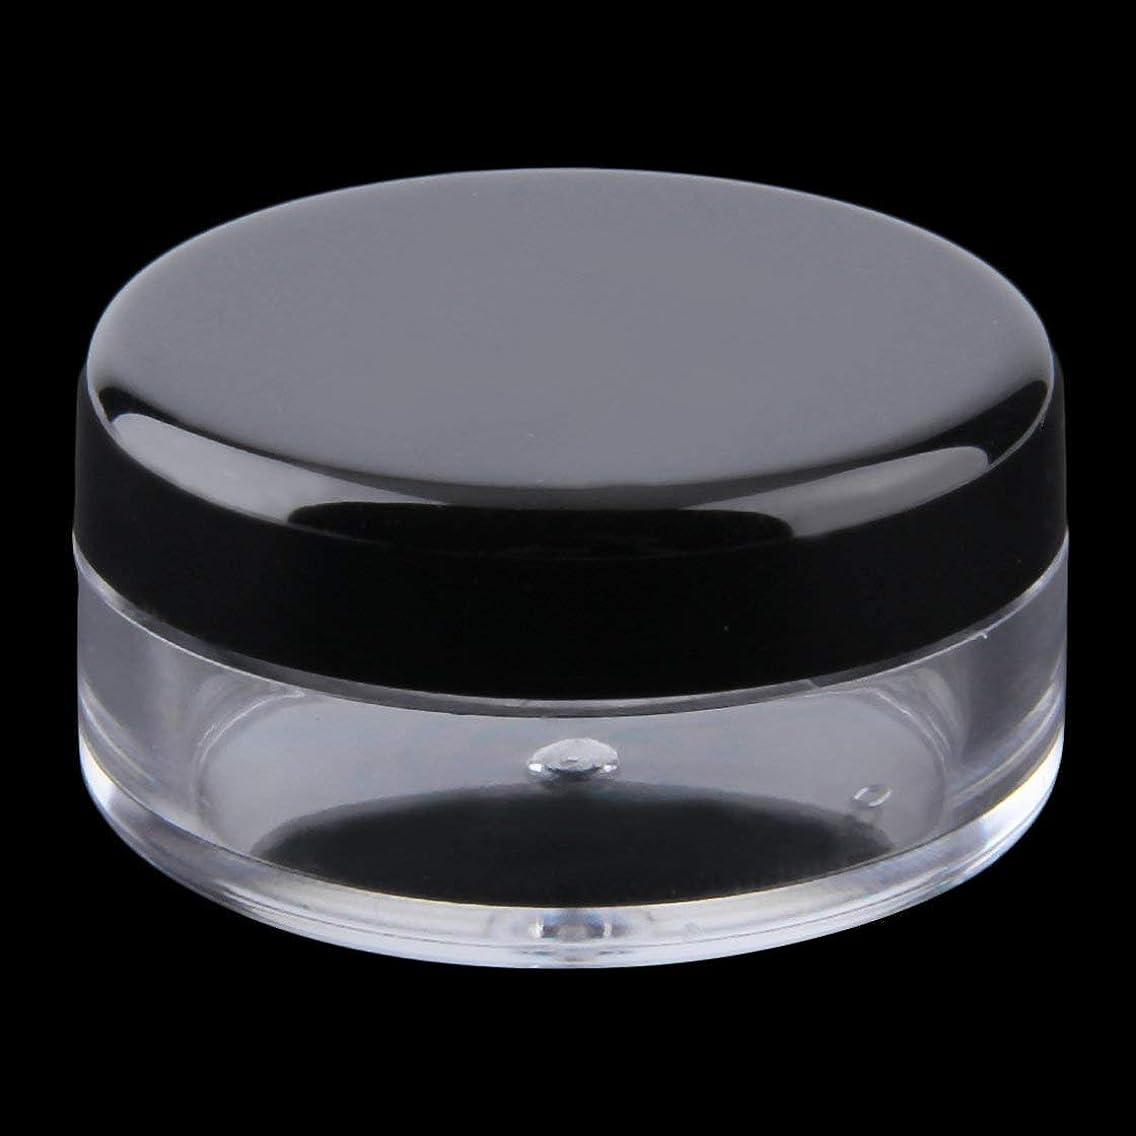 変形対処ファイバミニサイズと軽量ポータブル化粧品空のジャーポットアイシャドウメイクフェイスクリームリップクリーム容器詰め替えボトル(Rustle666)